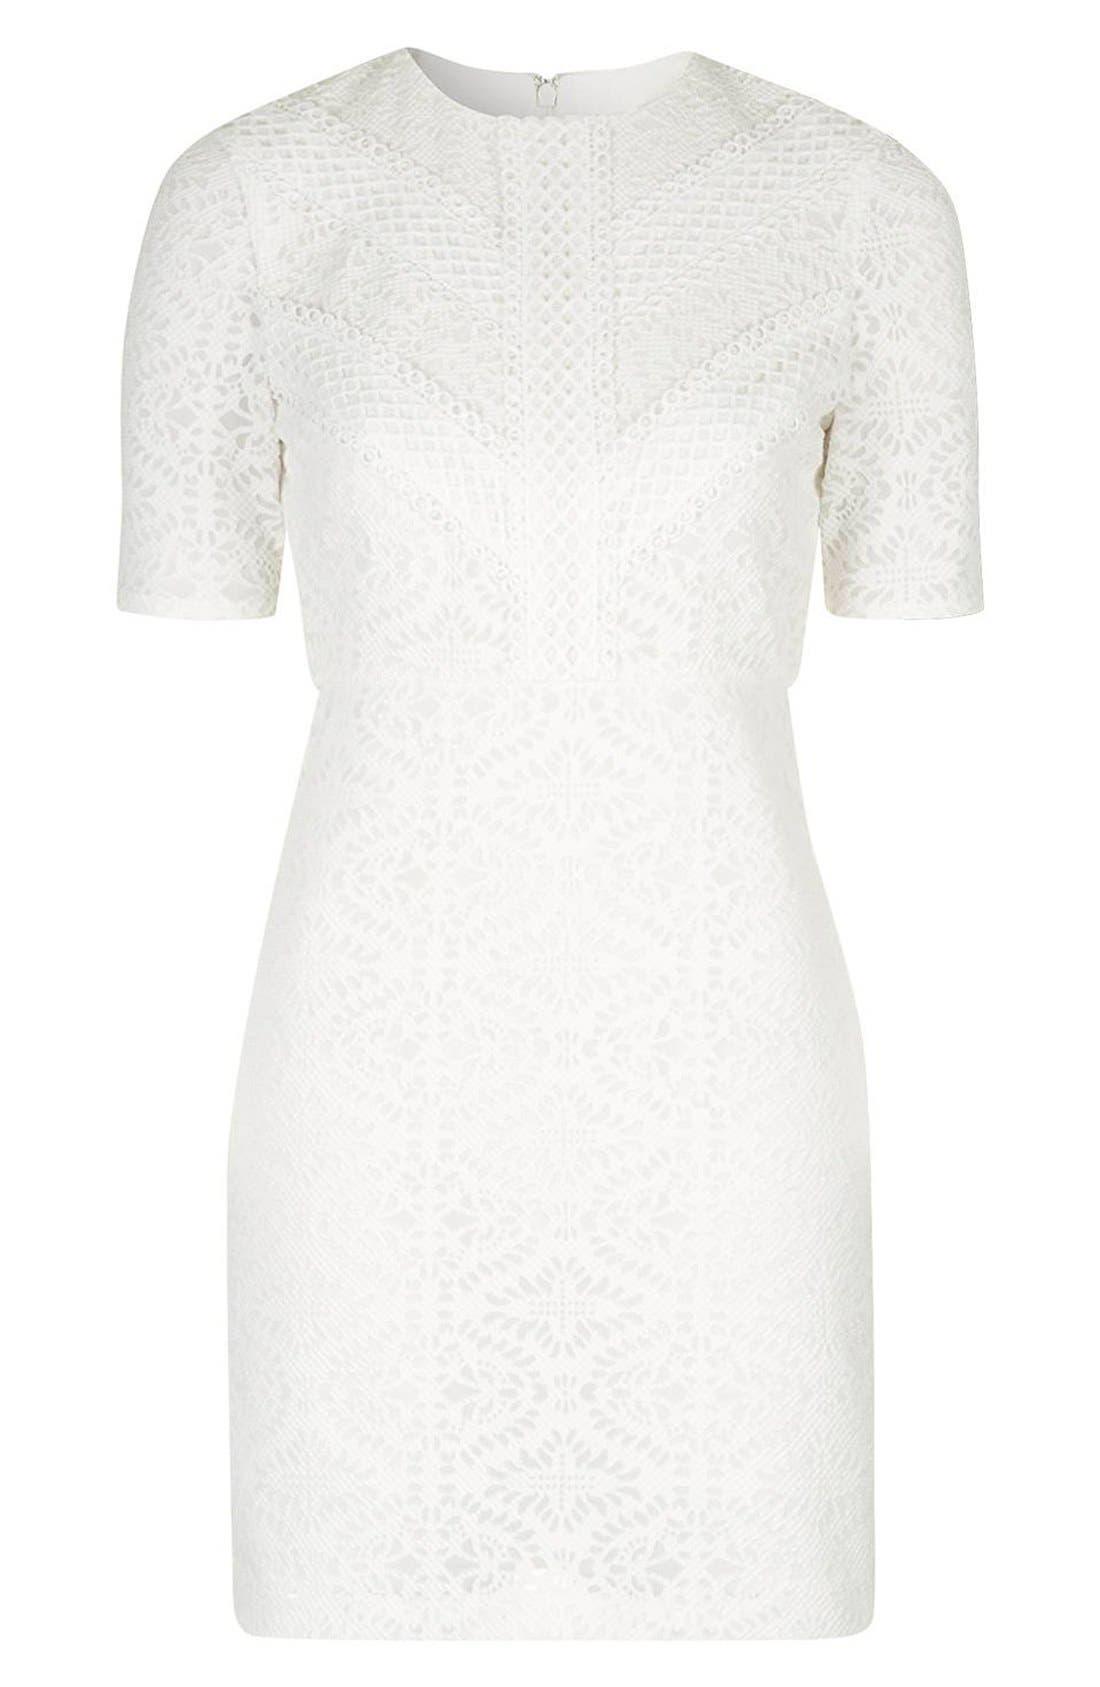 TOPSHOP,                             Laser Cut Lace Shift Dress,                             Alternate thumbnail 2, color,                             900